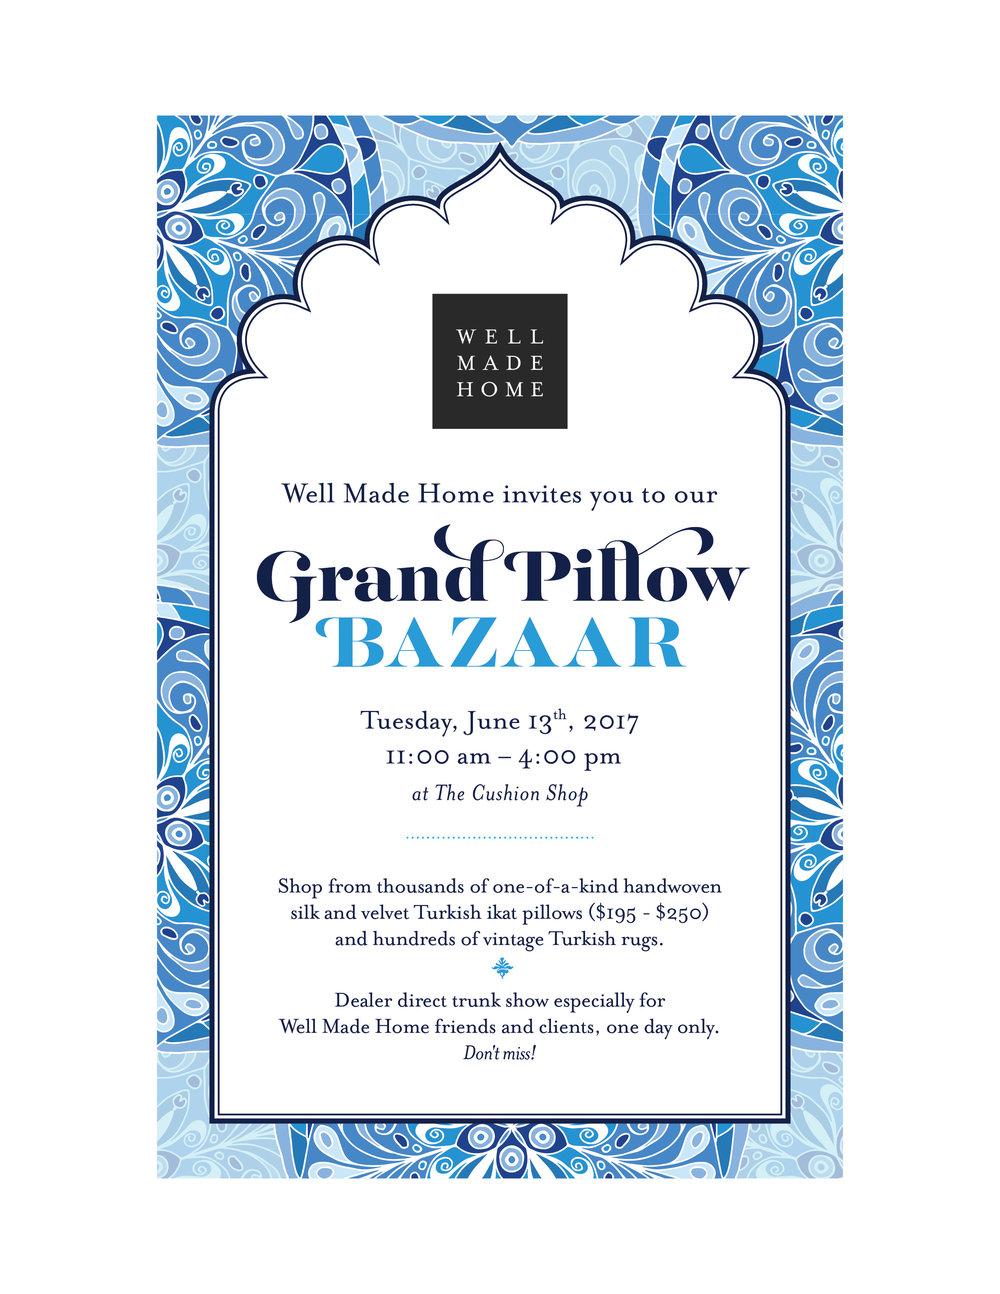 WMH_Invite_Grand-Pillow-Bazaar_061317_15Wx23Hin_R1.jpg